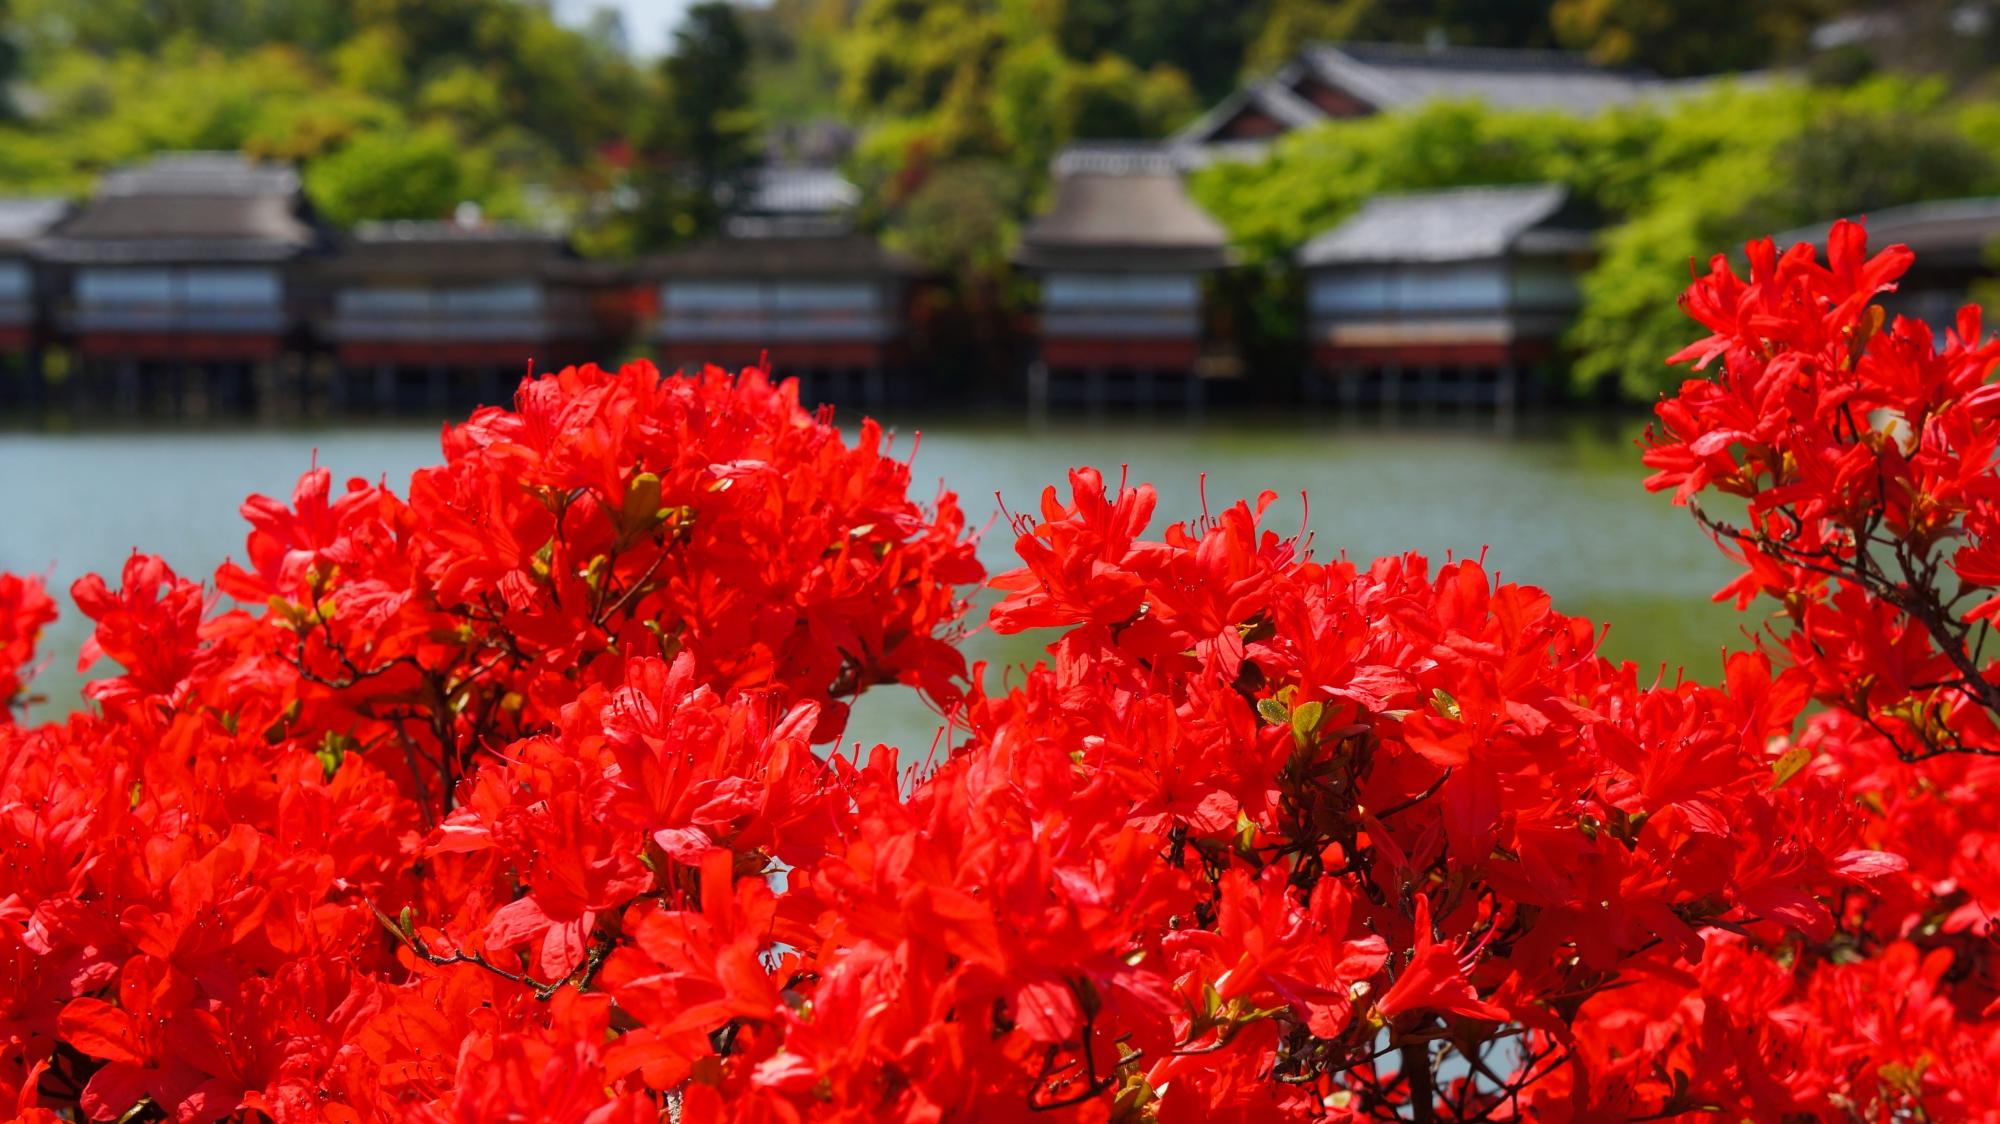 八条ヶ池の風情ある情景を彩る鮮やかな赤い花